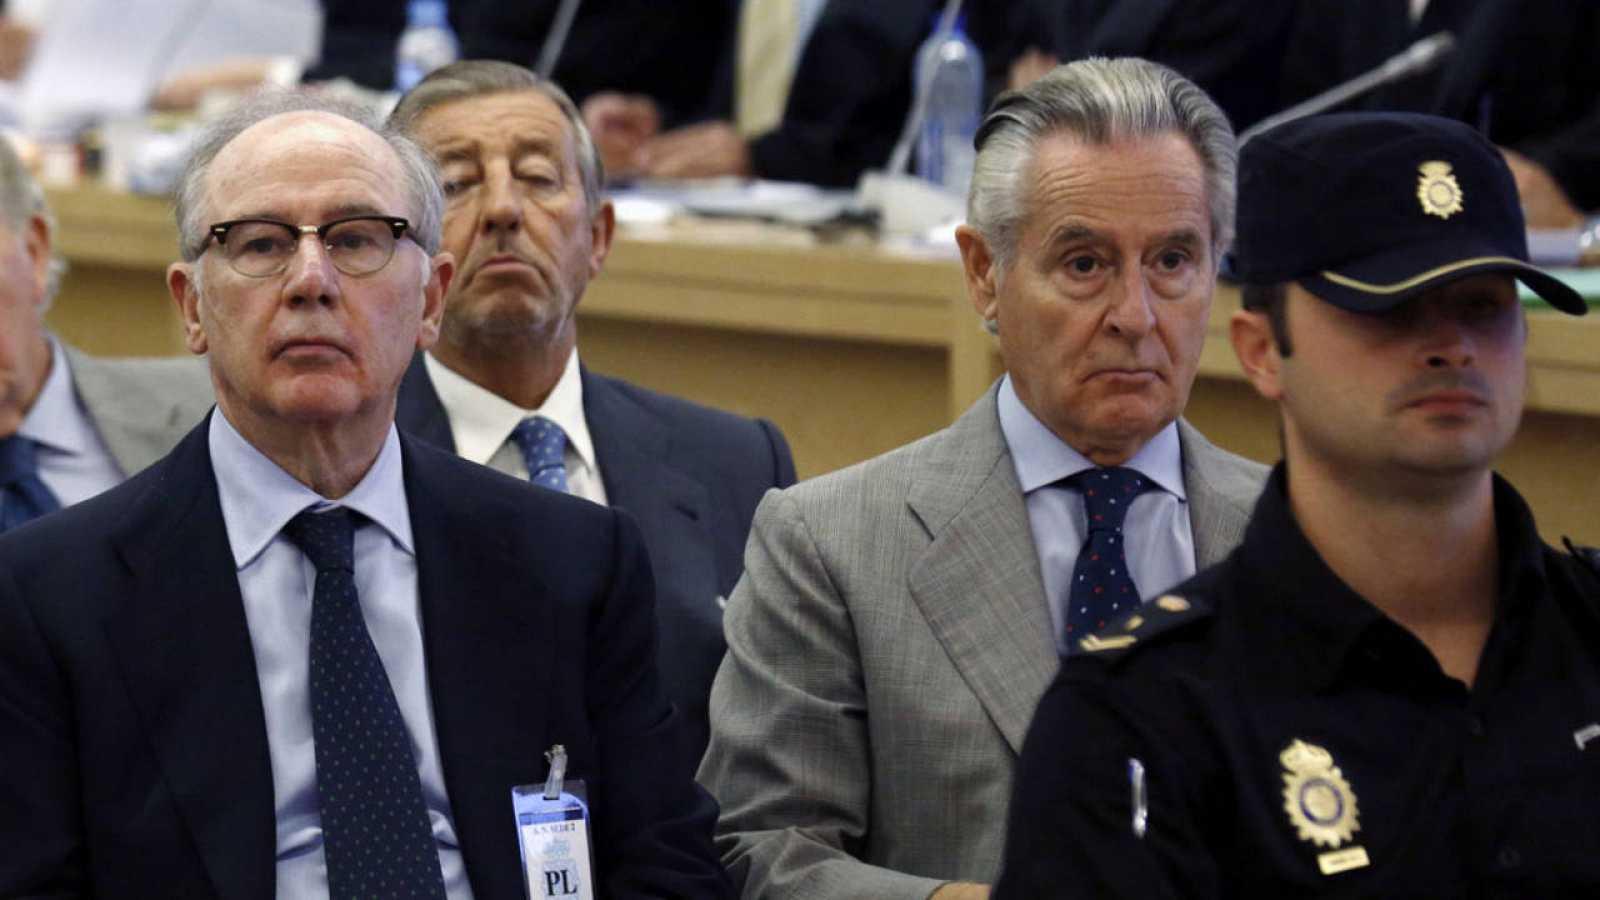 Los expresidentes de Bankia y Caja Madrid, Rato y Blesa, se sientan en el banquillo